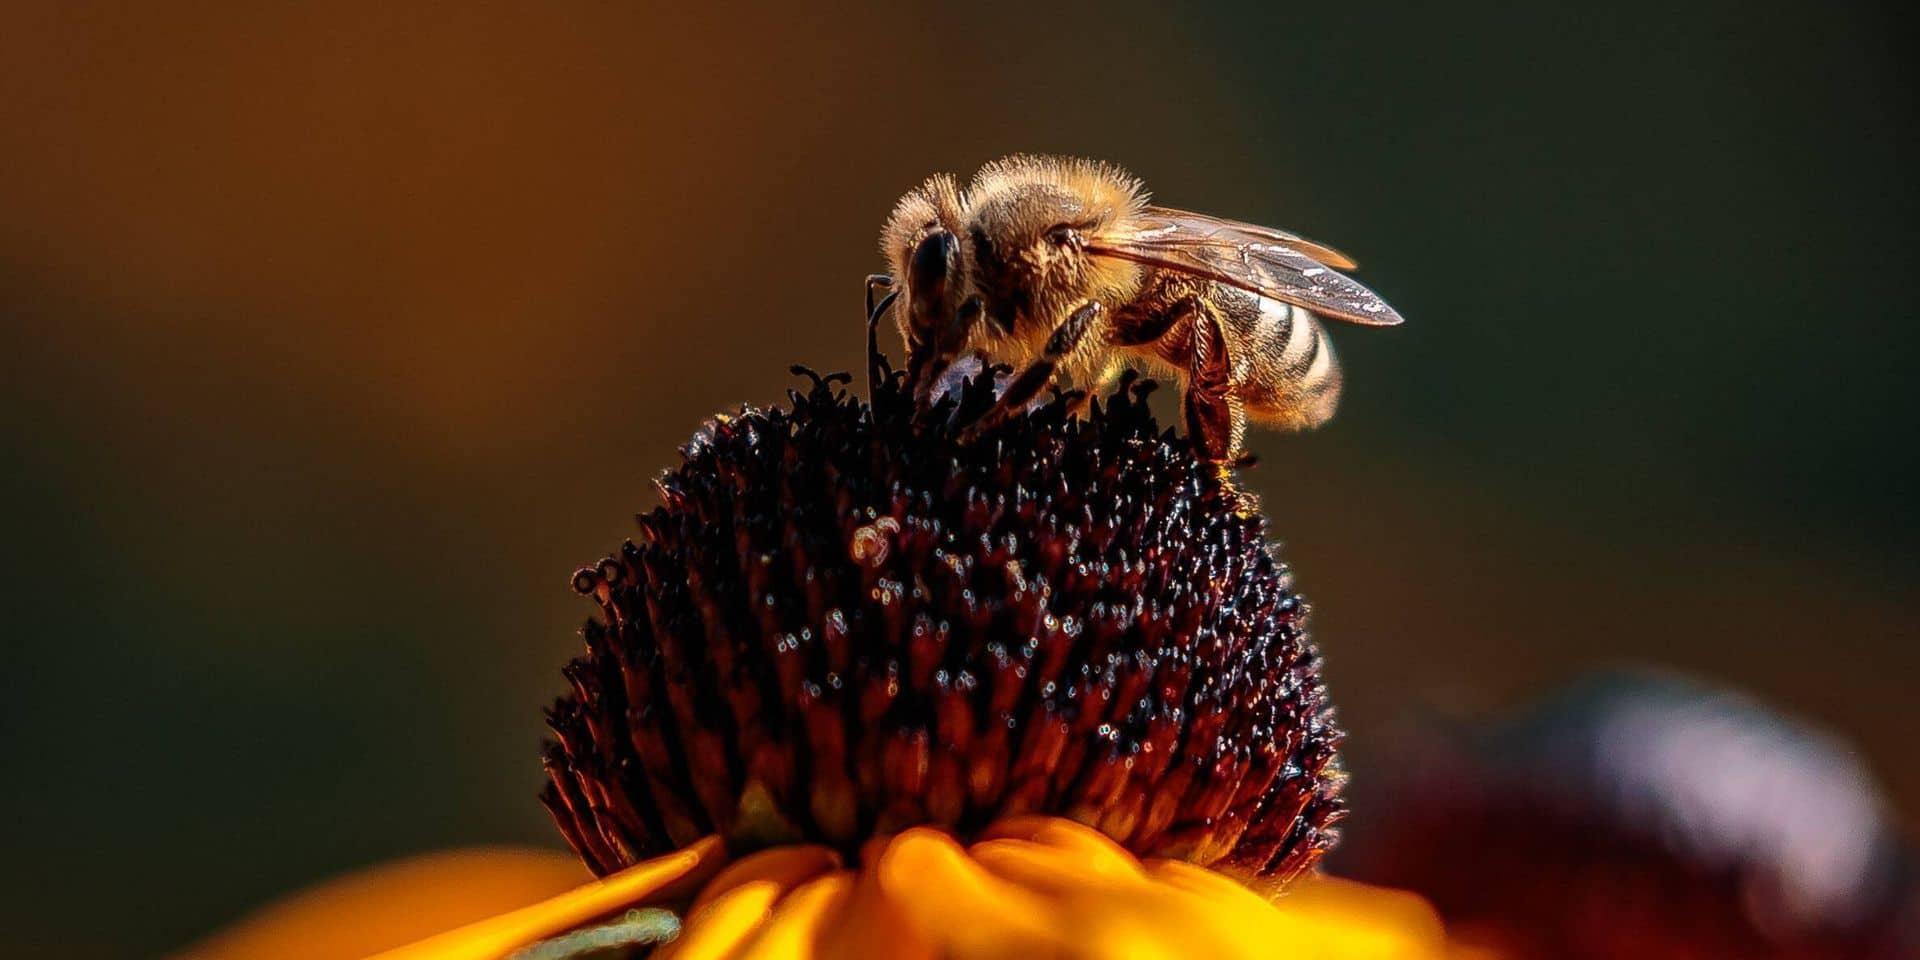 La holding wallonne Floridienne rachète une entreprise américaine spécialisée dans les insectes